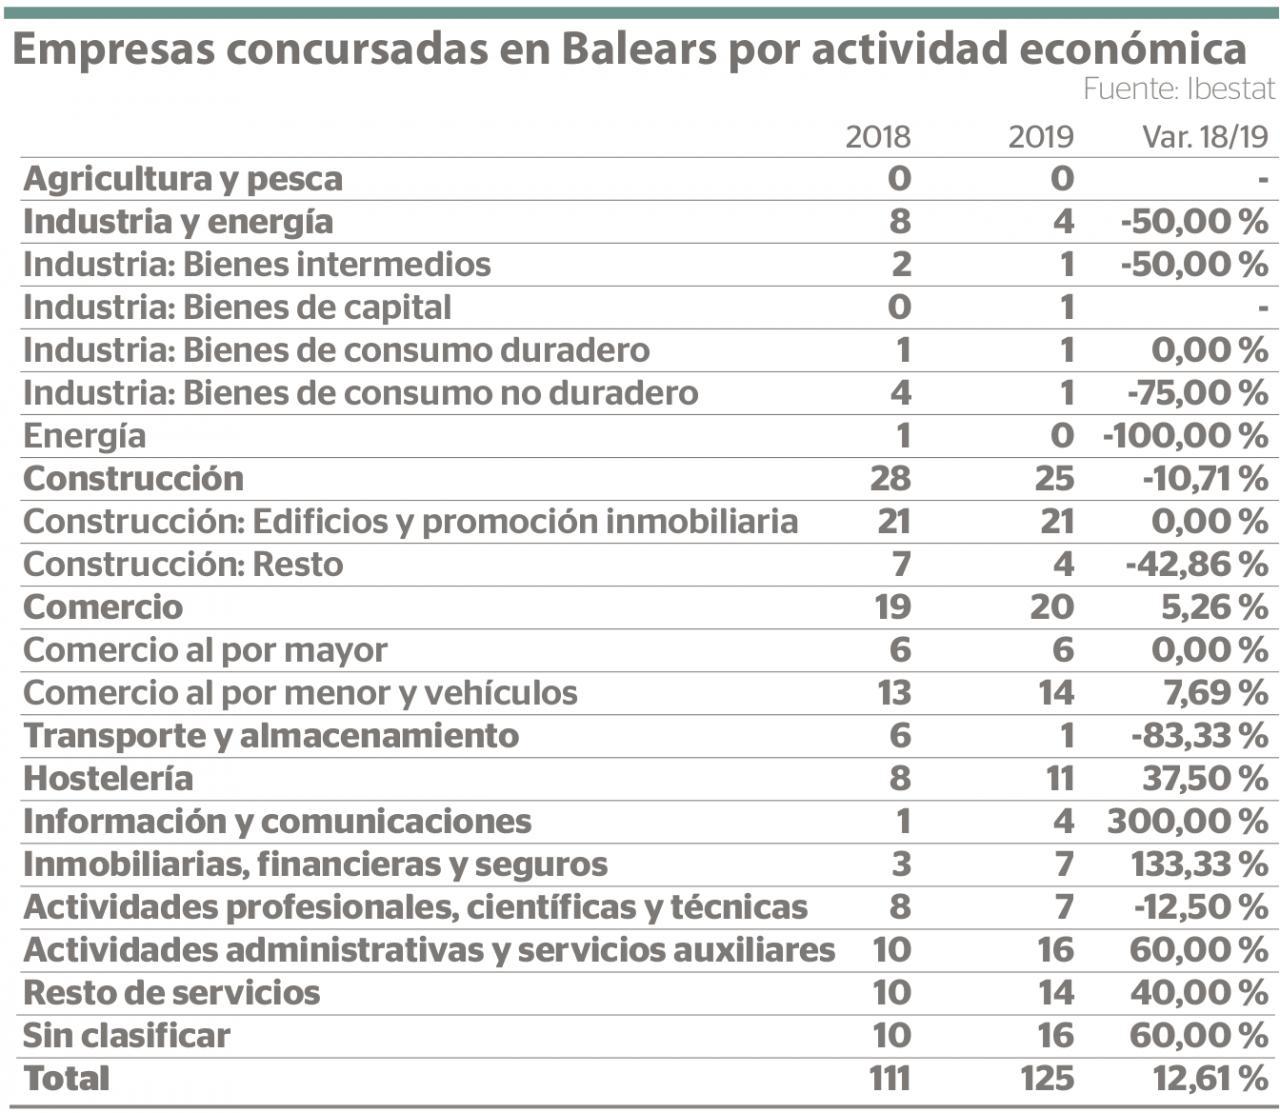 Empresas concursadas en Baleares por actividad económica